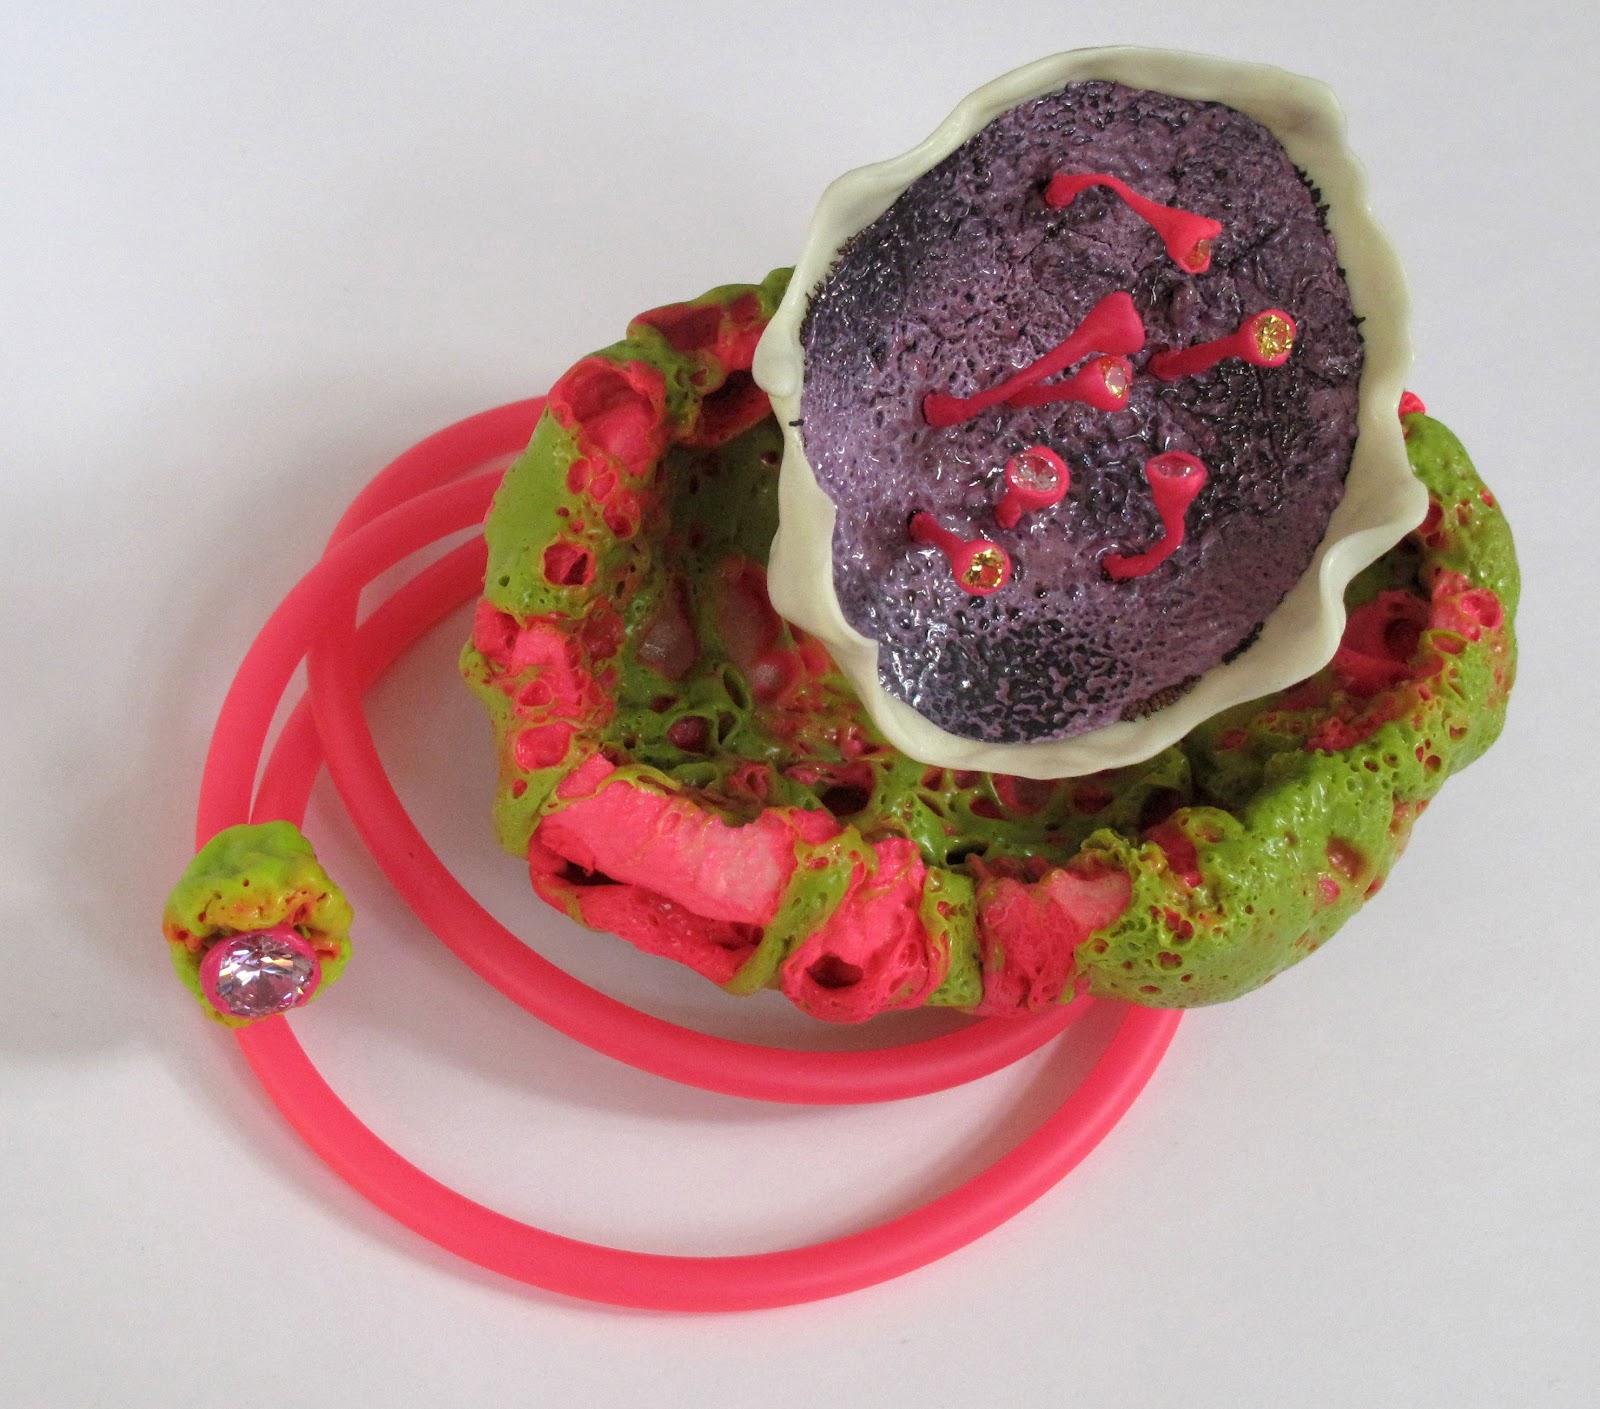 NECKLACE;+plastic,+enamel,+cz,+pvc+cord dans Beate EISMANN (DE)